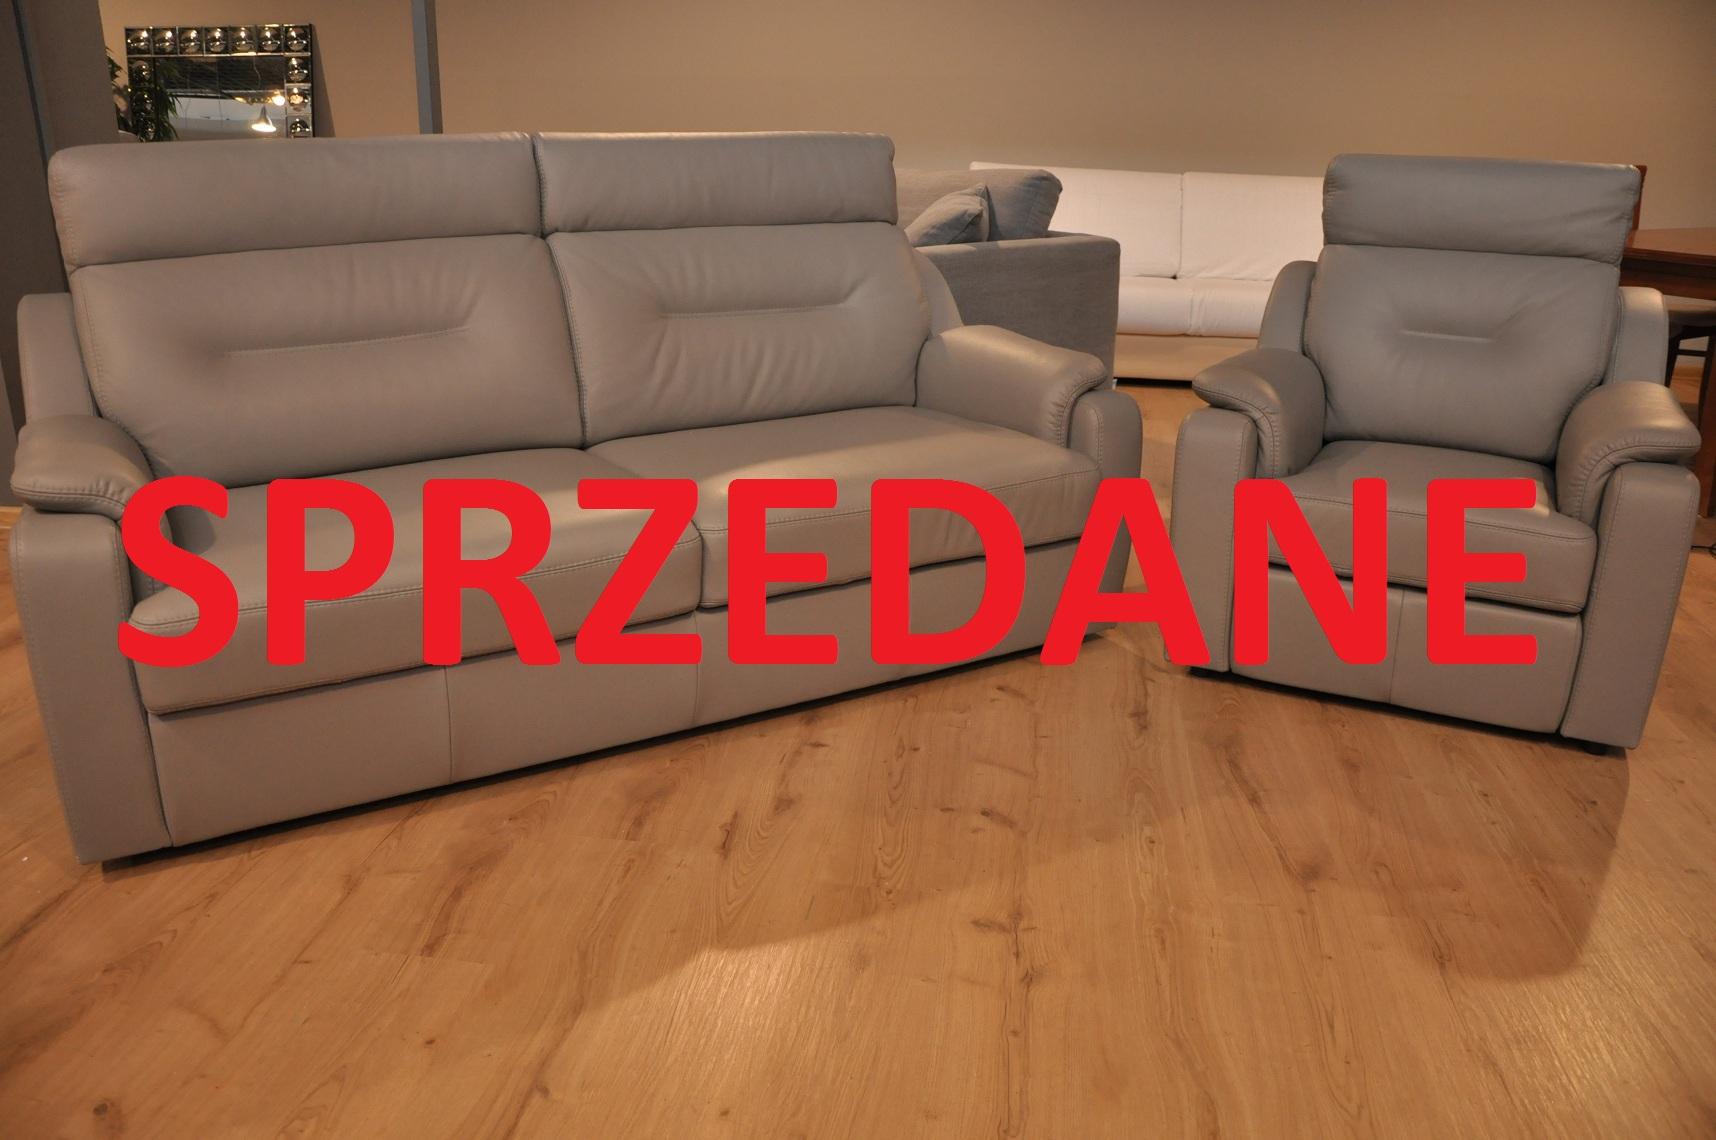 PAPAVERO STUDIO KOMFORT WARSZAWA ZMIANA EKSPOZYCJI sofa z funkcją spania fotel z relaksem skóra naturalna SPRZEDANE